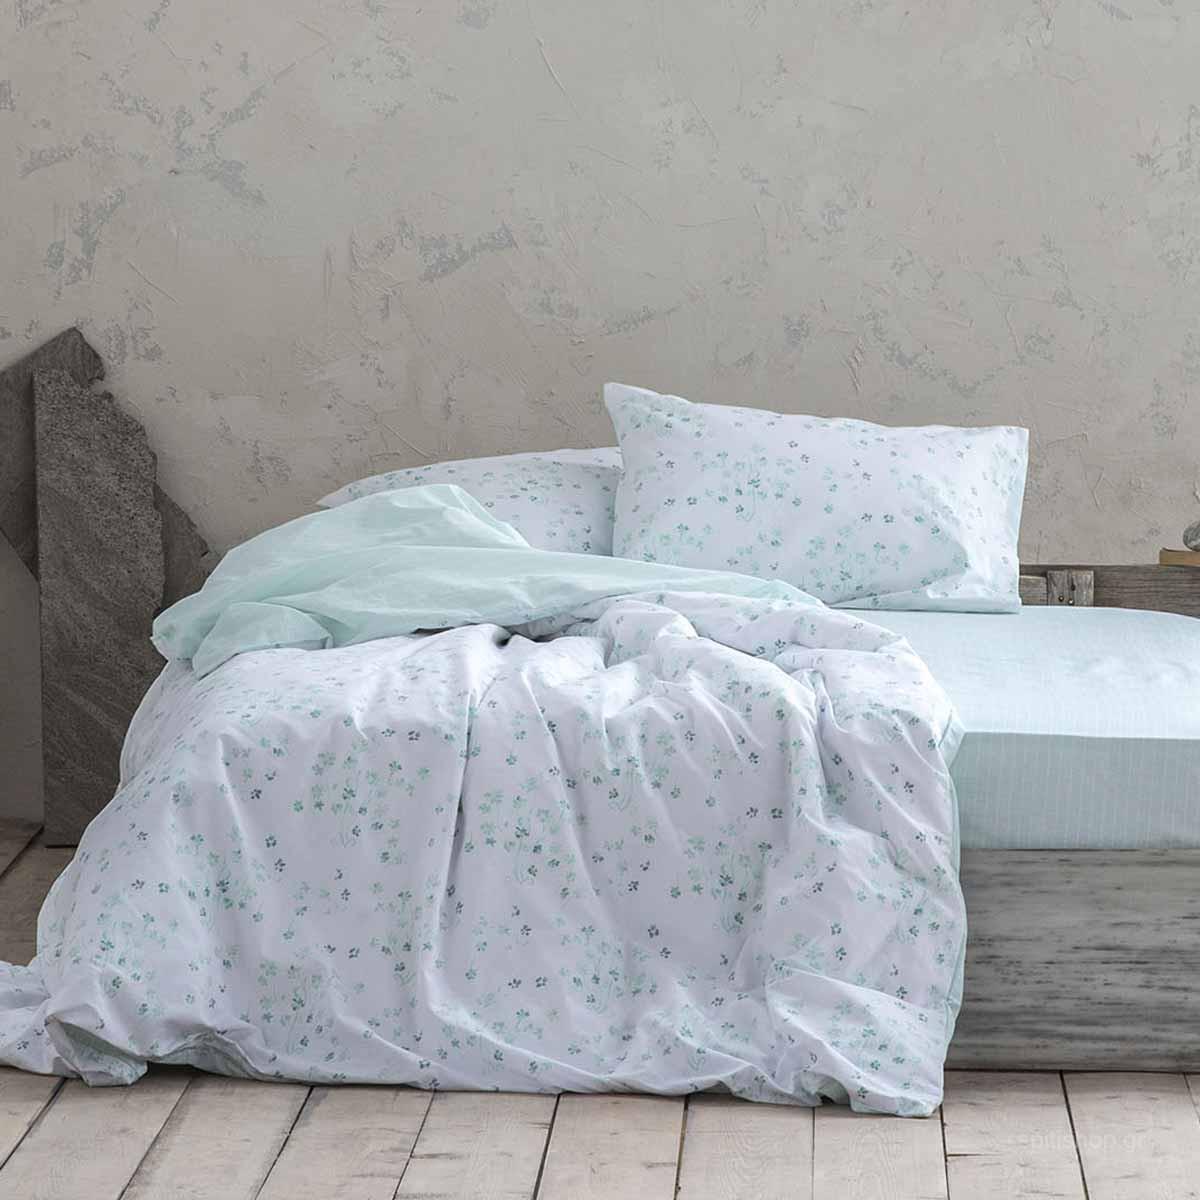 Σεντόνια Υπέρδιπλα (Σετ) Nima Bed Linen Demanda Mint ΜΕ ΛΑΣΤΙΧΟ ΜΕ ΛΑΣΤΙΧΟ